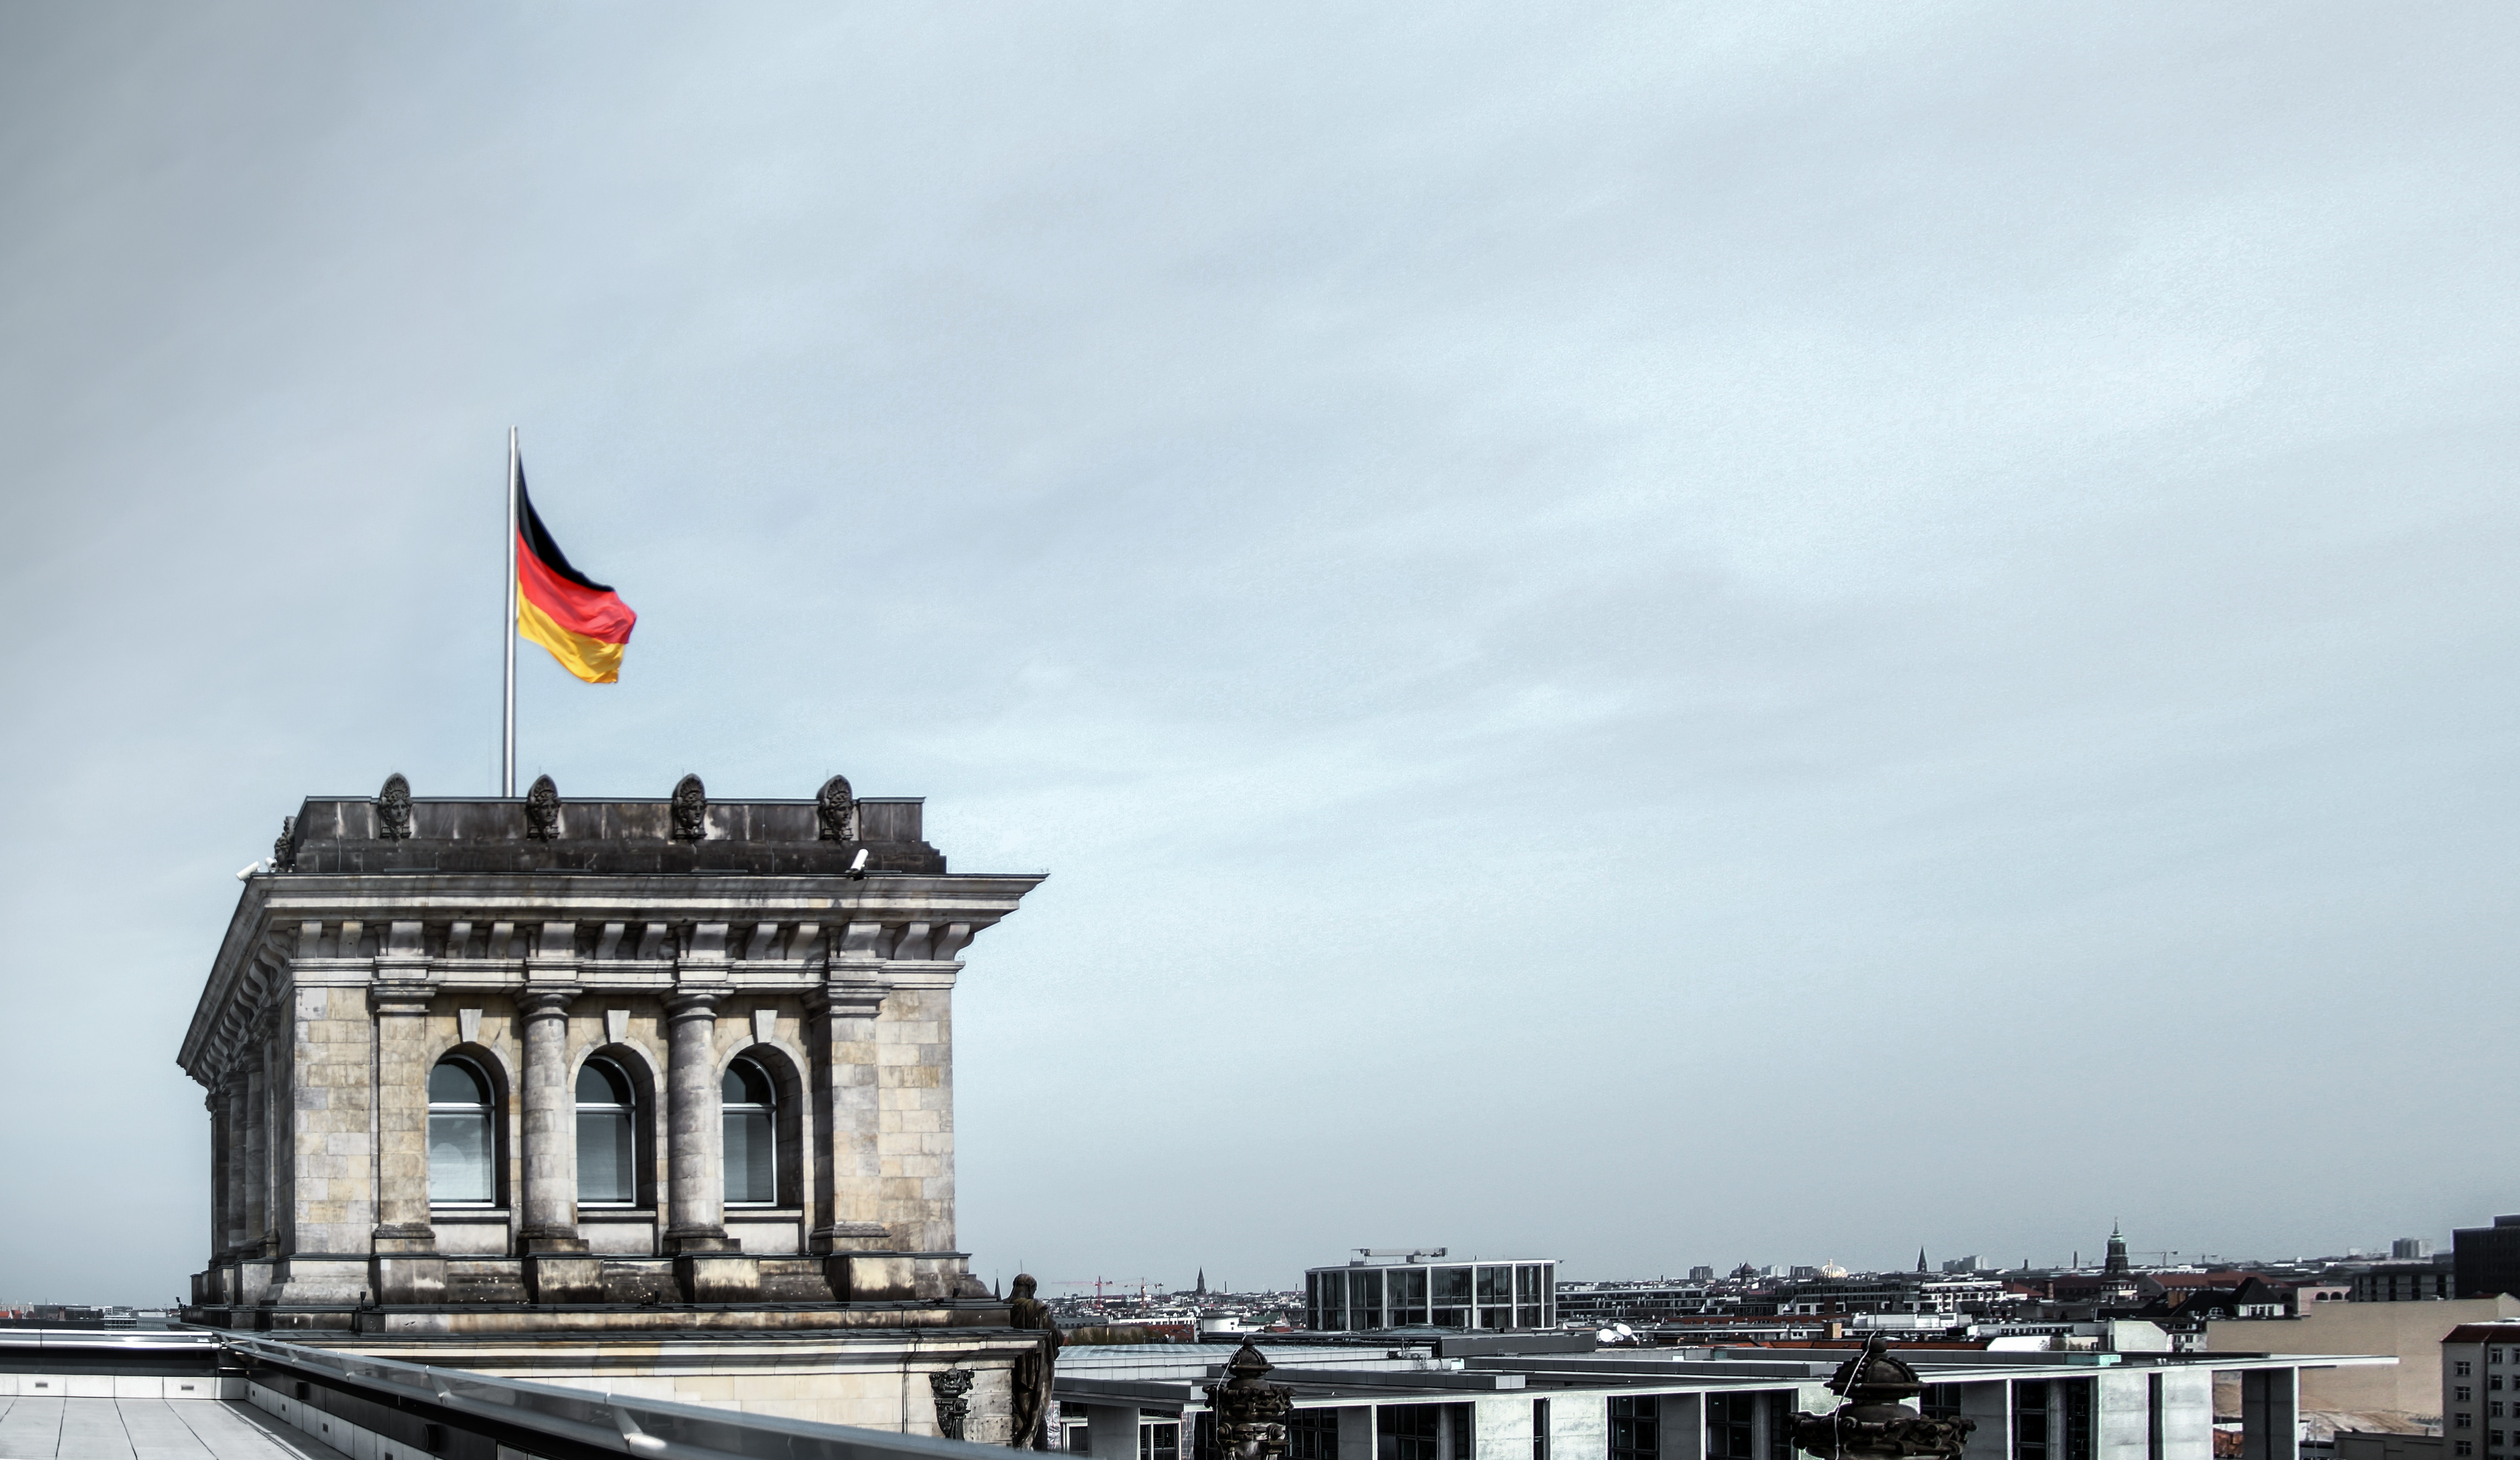 ドイツで英語は通じる?旅行で必要な会話やドイツ語の必要性についても確認!